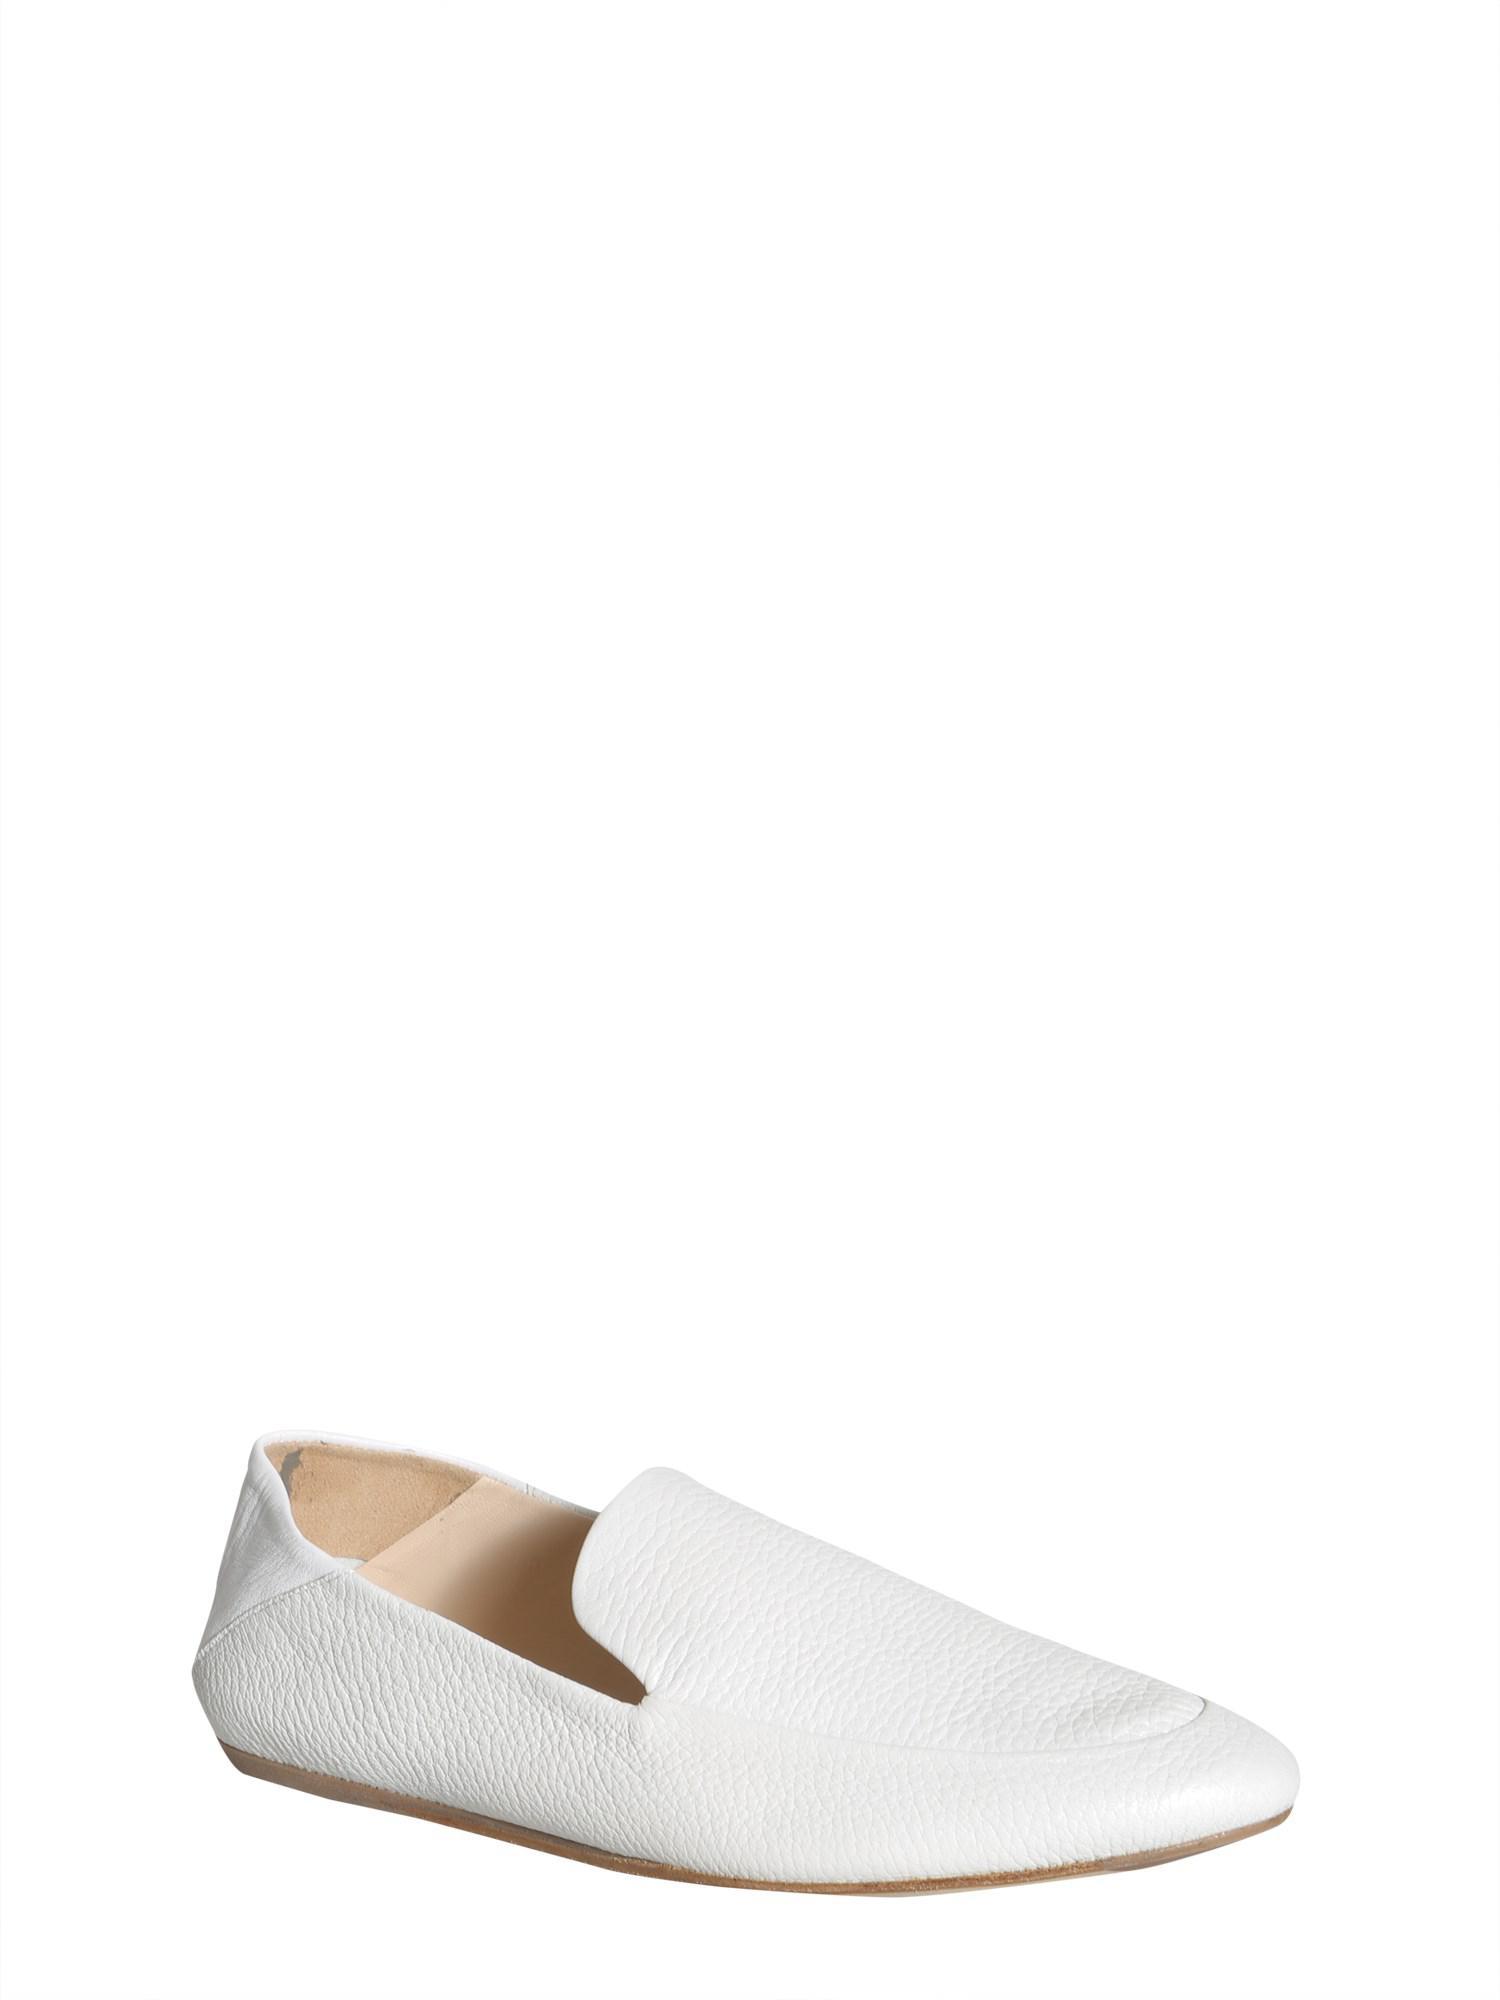 Lanvin Lambskin loafers s8LlCG0t4Z